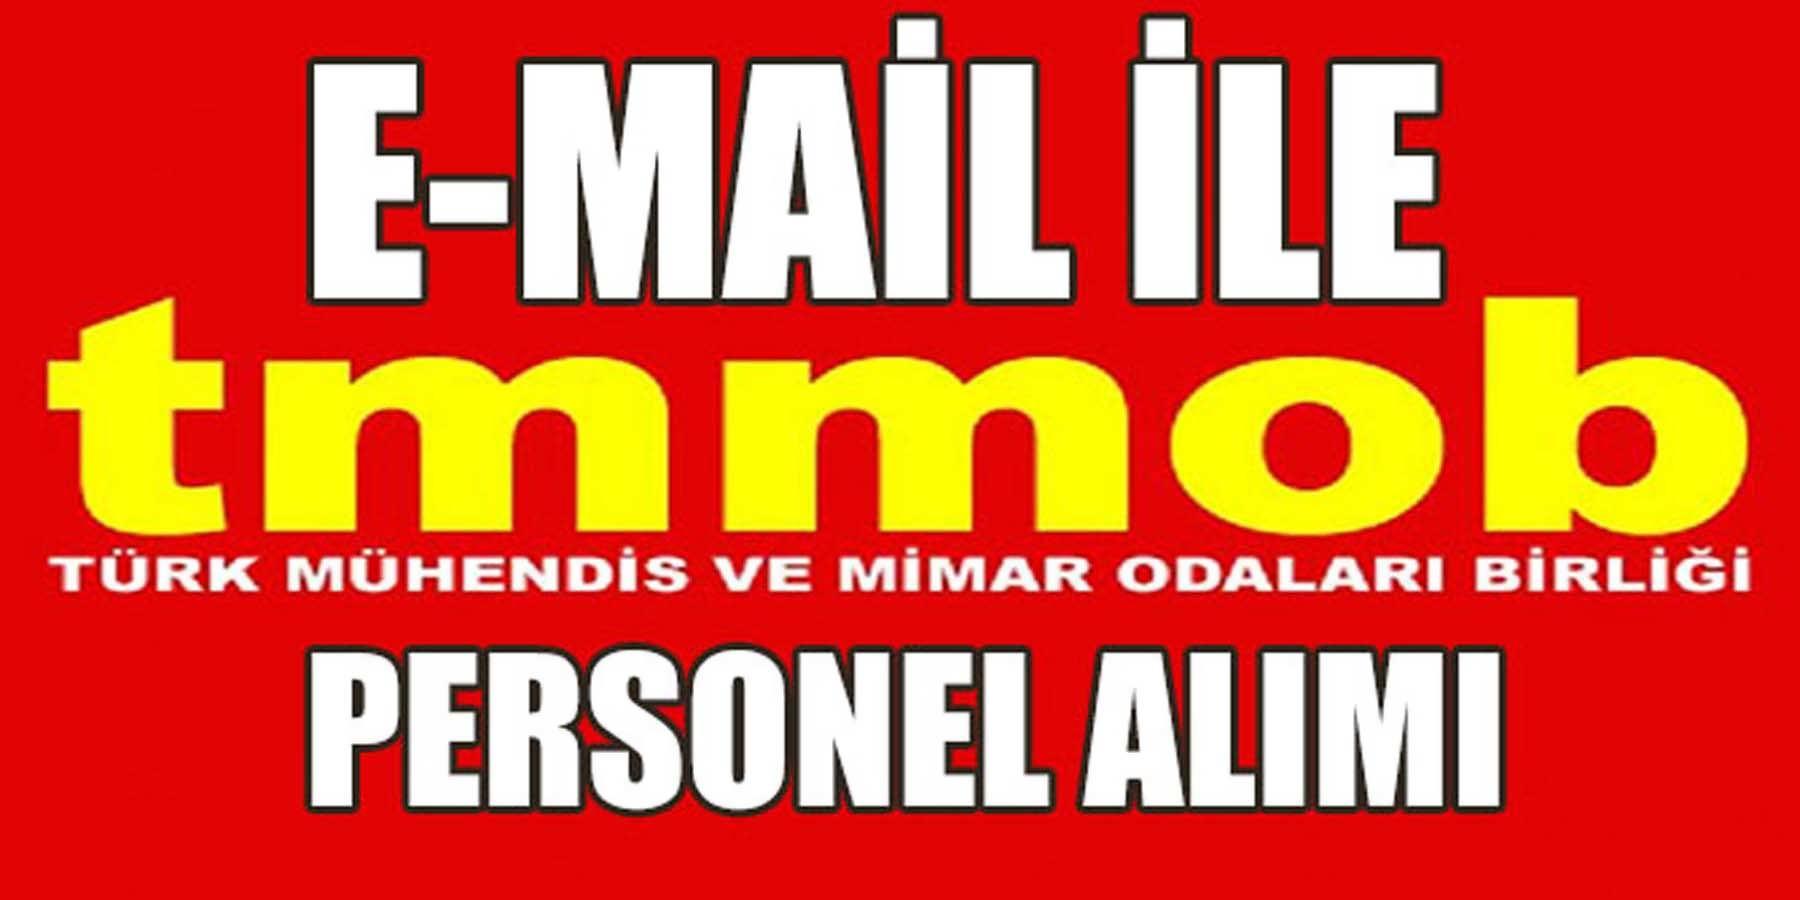 TMMOB Elektrik Mühendisleri Odası E-Mail İle Personel Alım Başvurusu